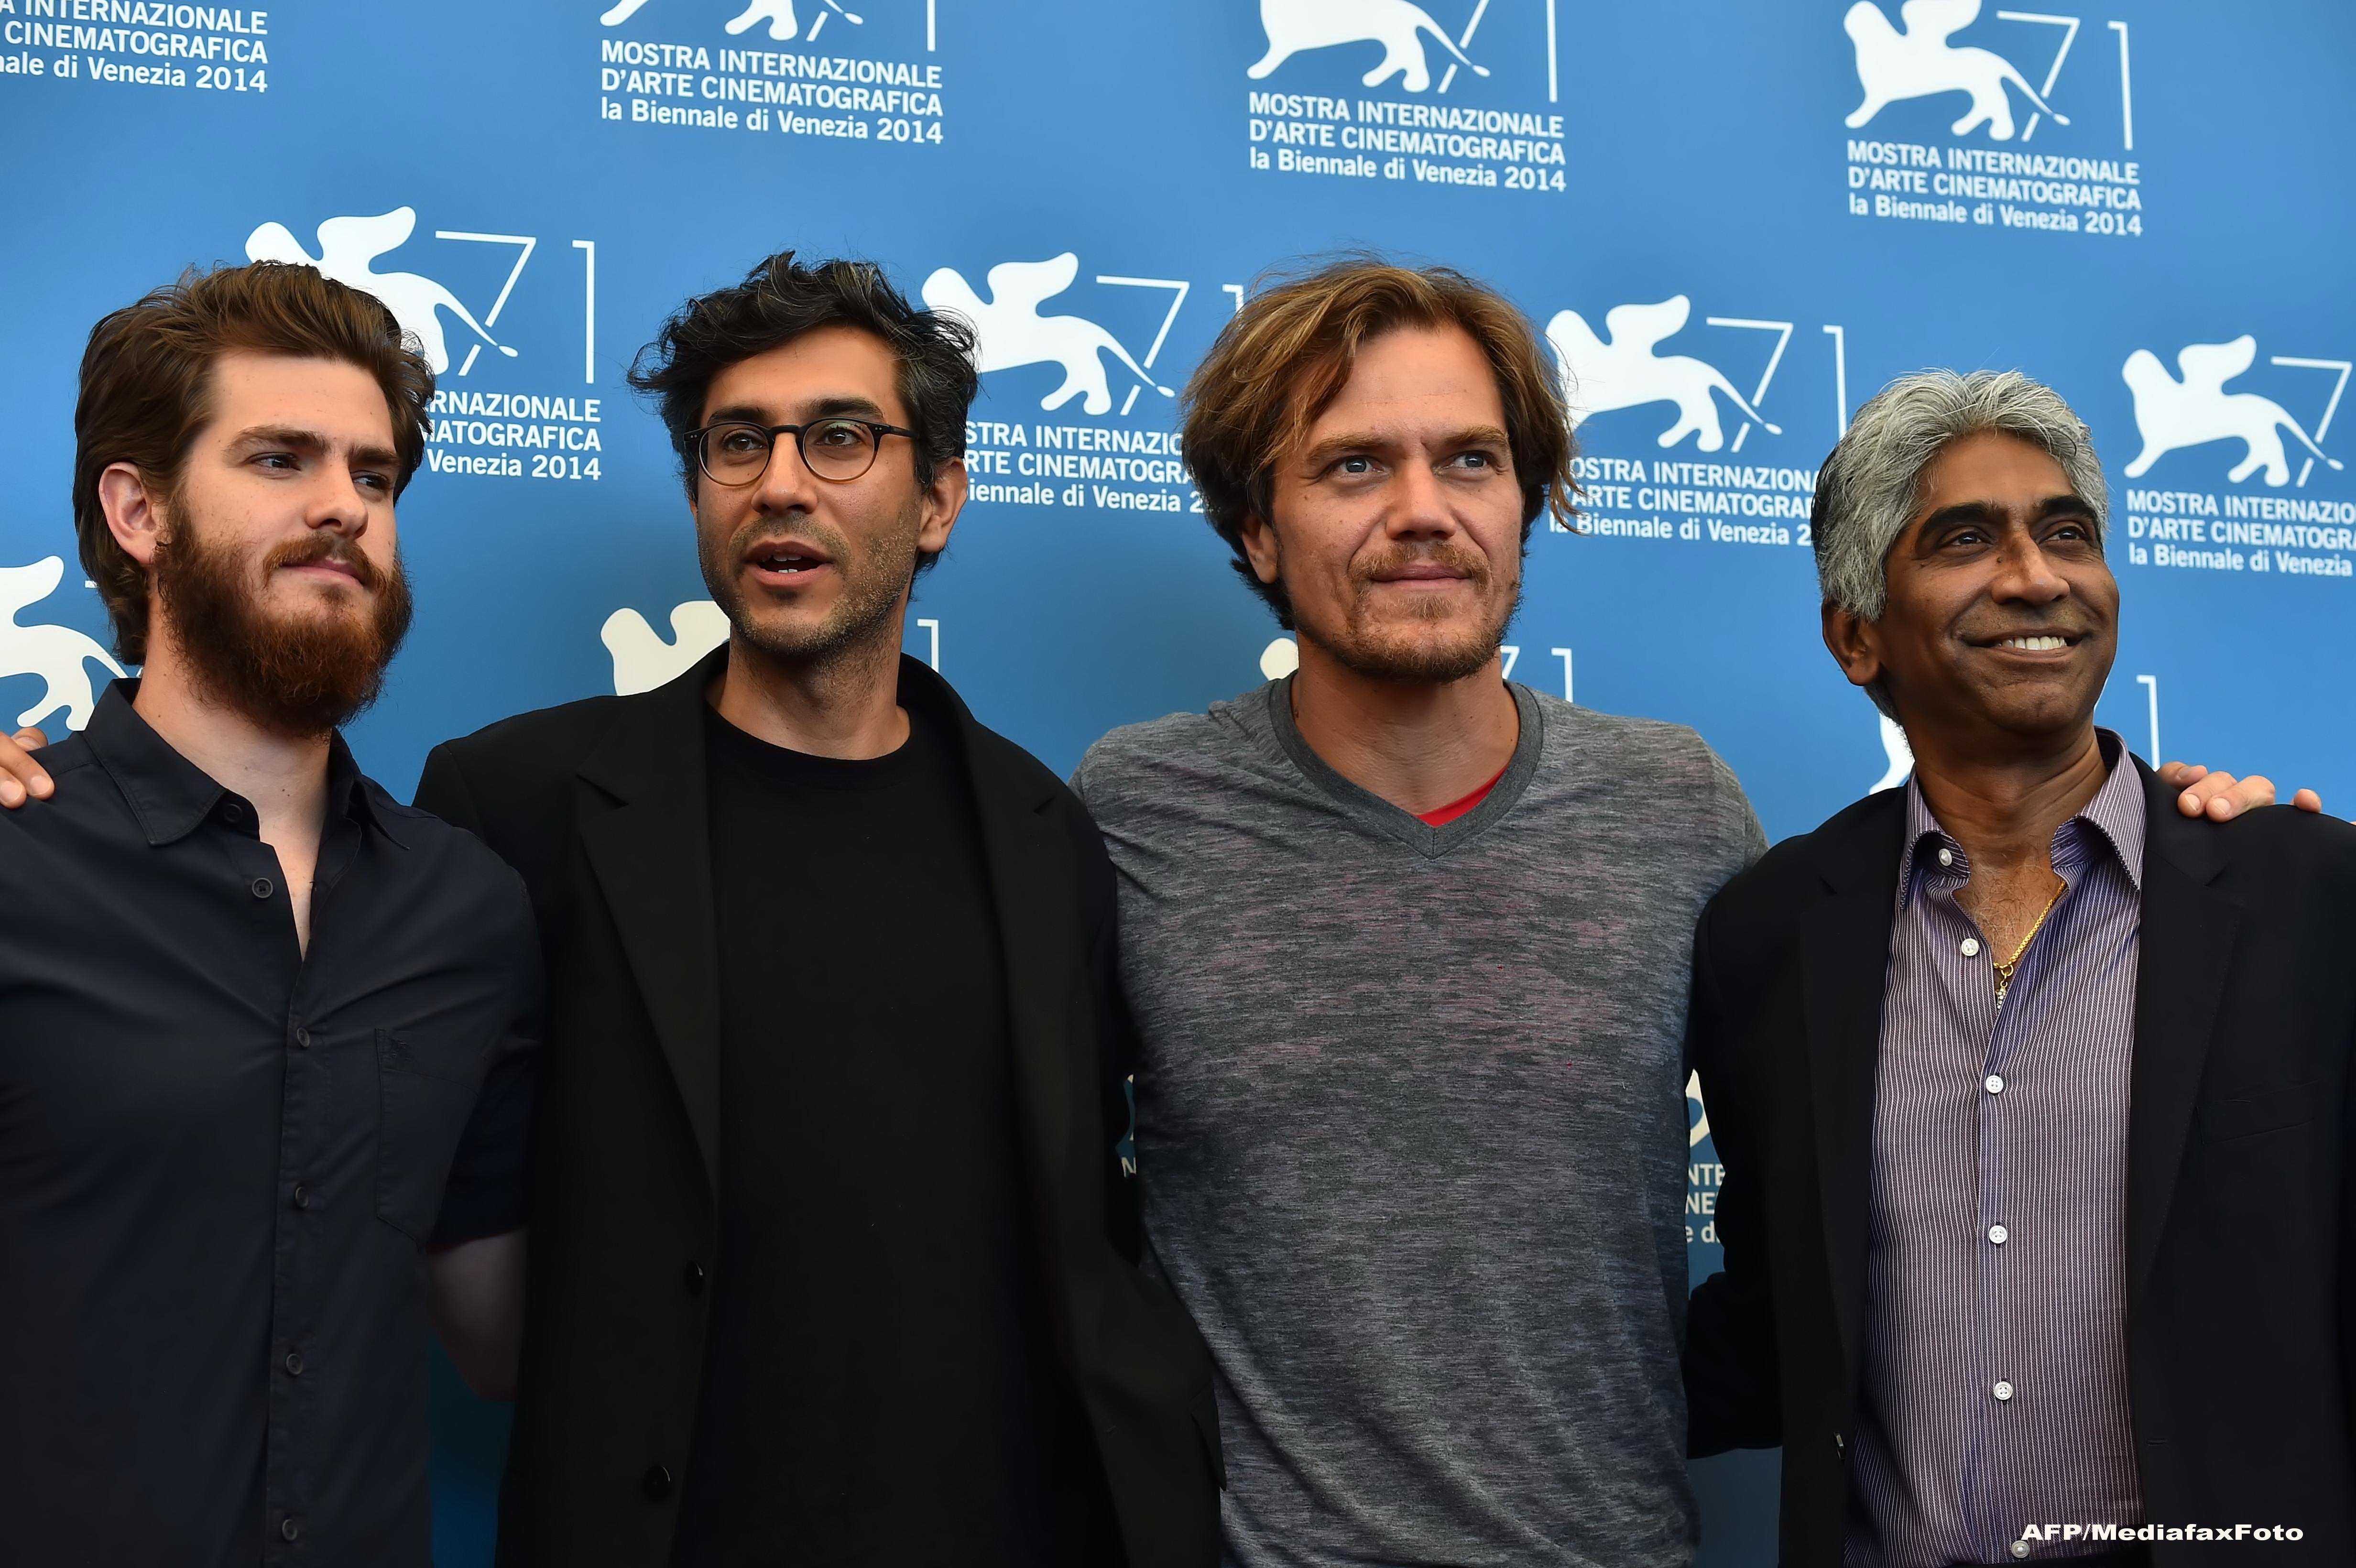 Festivalul de Film de la Venetia. Doua drame ravasitoare despre violenta si durere au impresionat publicul